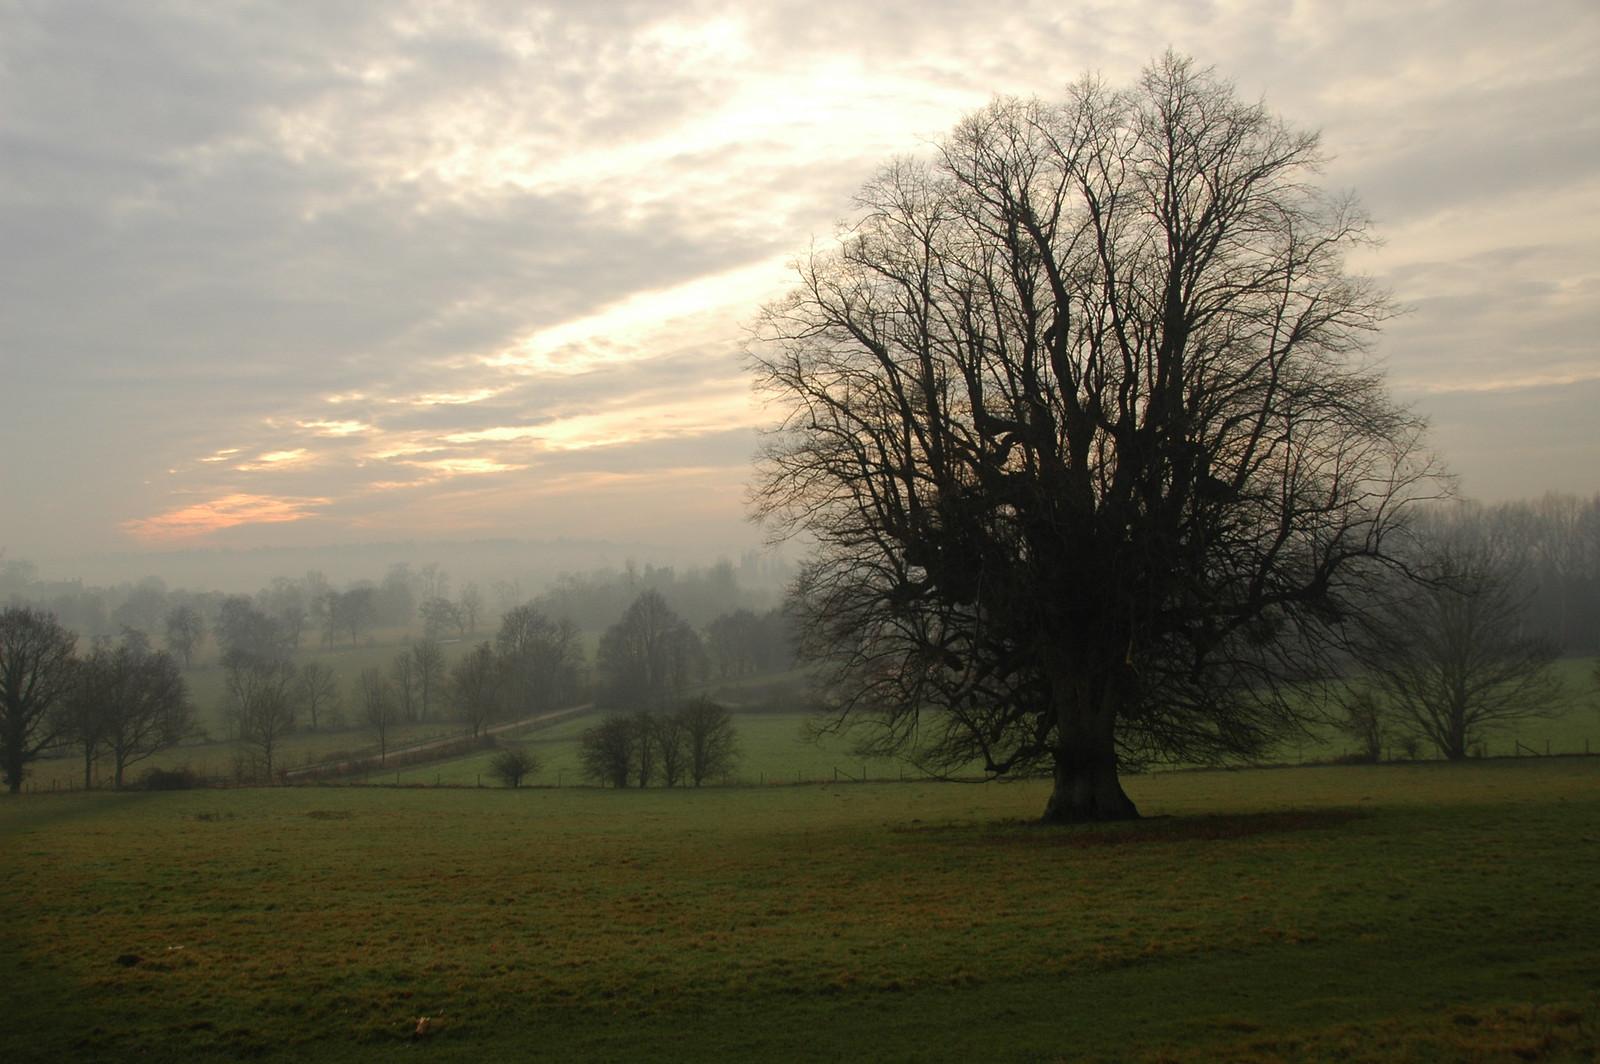 Hever to Leigh Taken in mid winter - trees in the mist near Penshurst